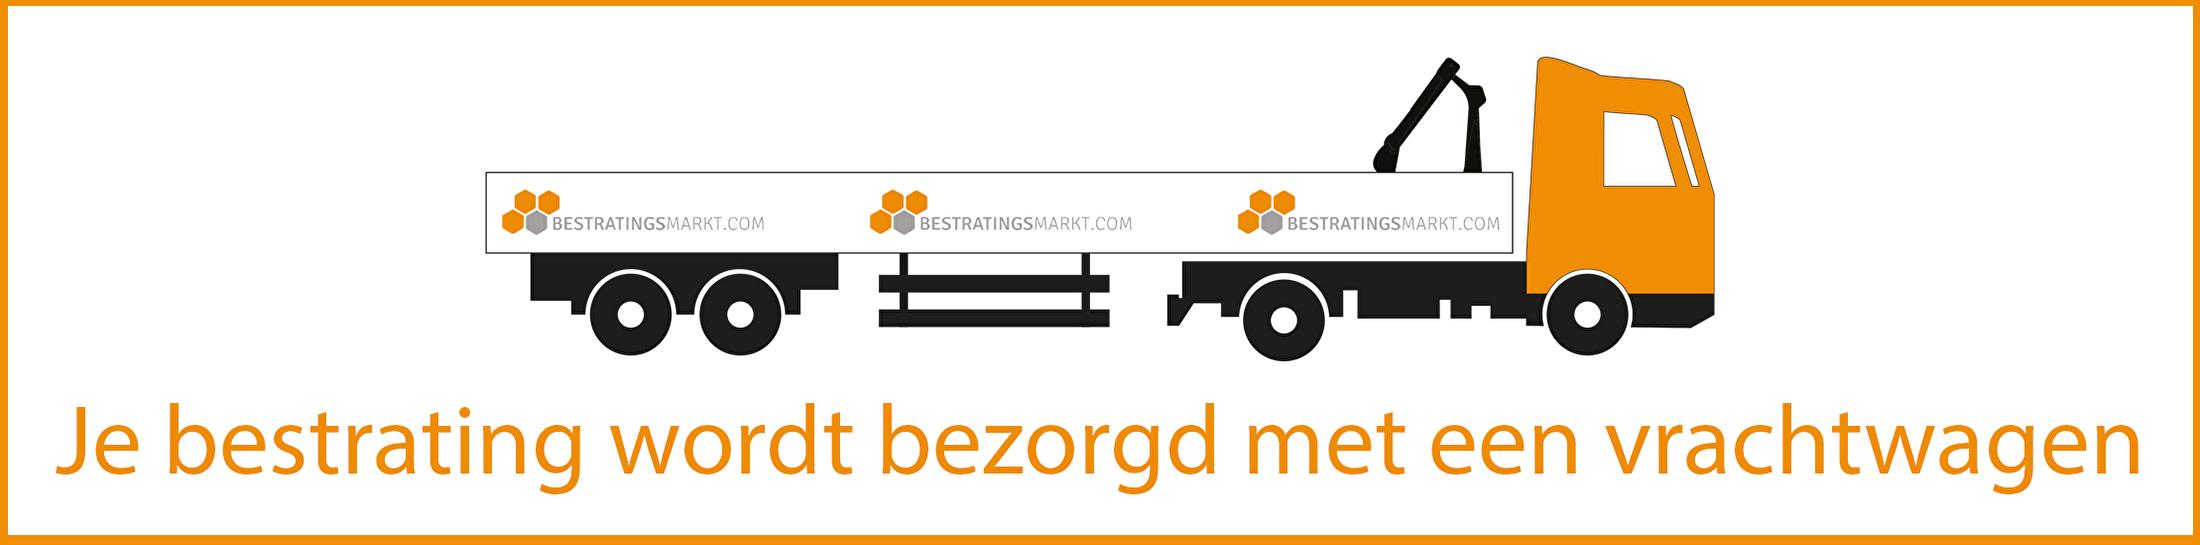 Je bestrating wordt bezorgd met een vrachtwagen